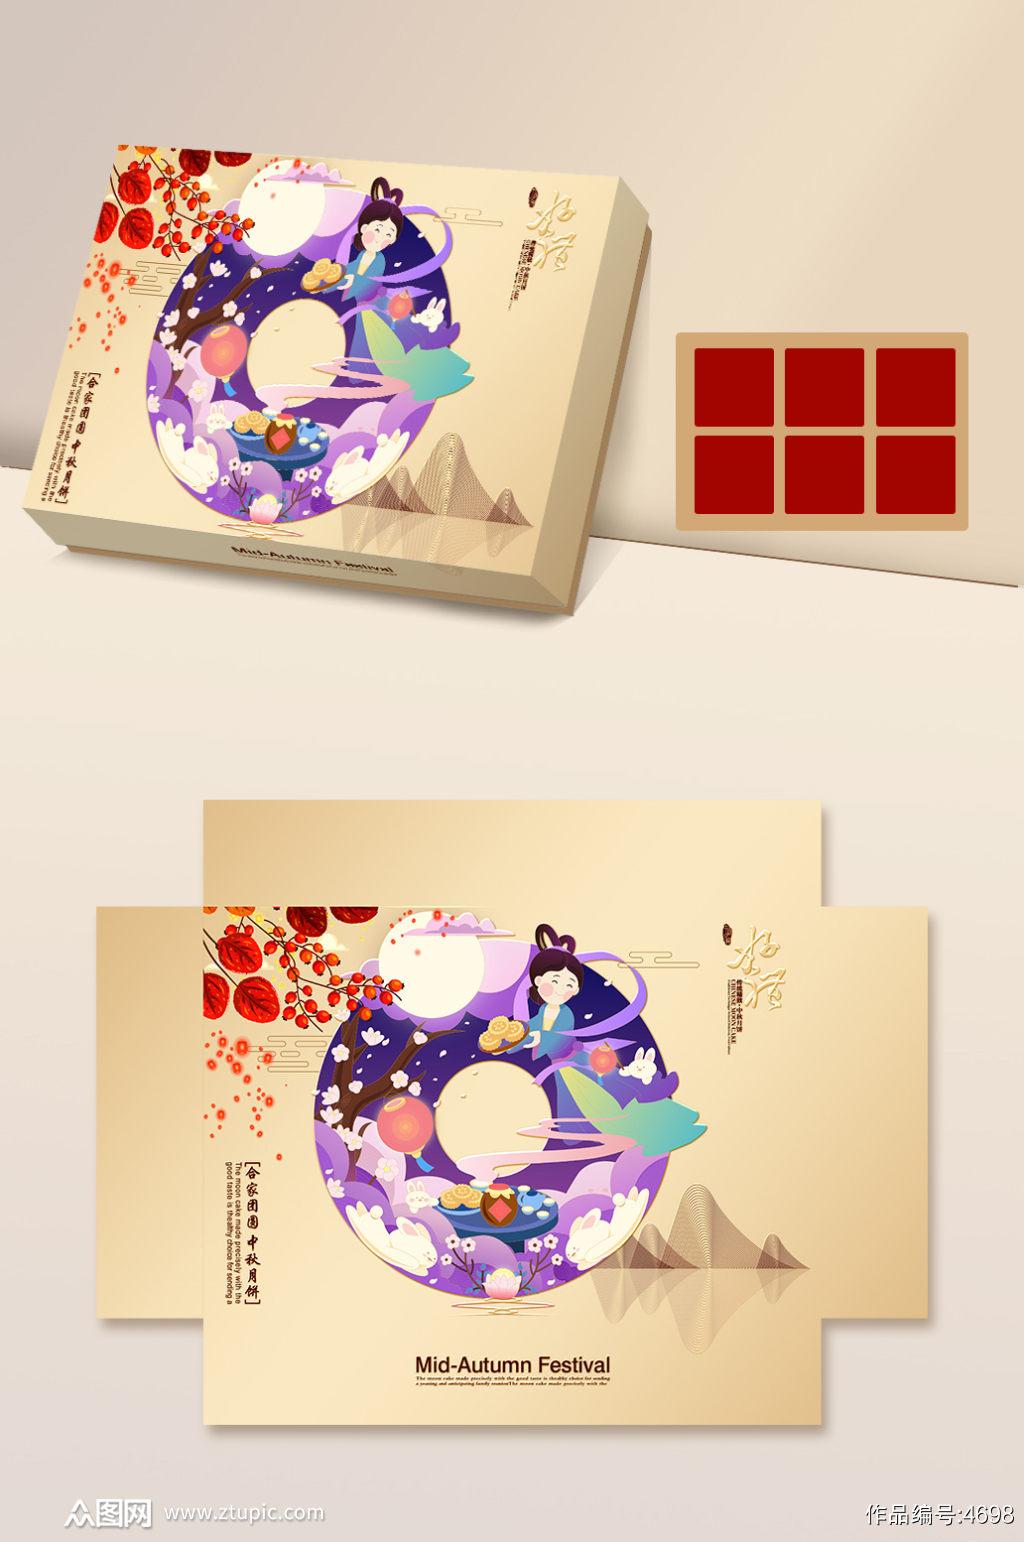 原创手绘中秋月饼礼盒包装设计素材